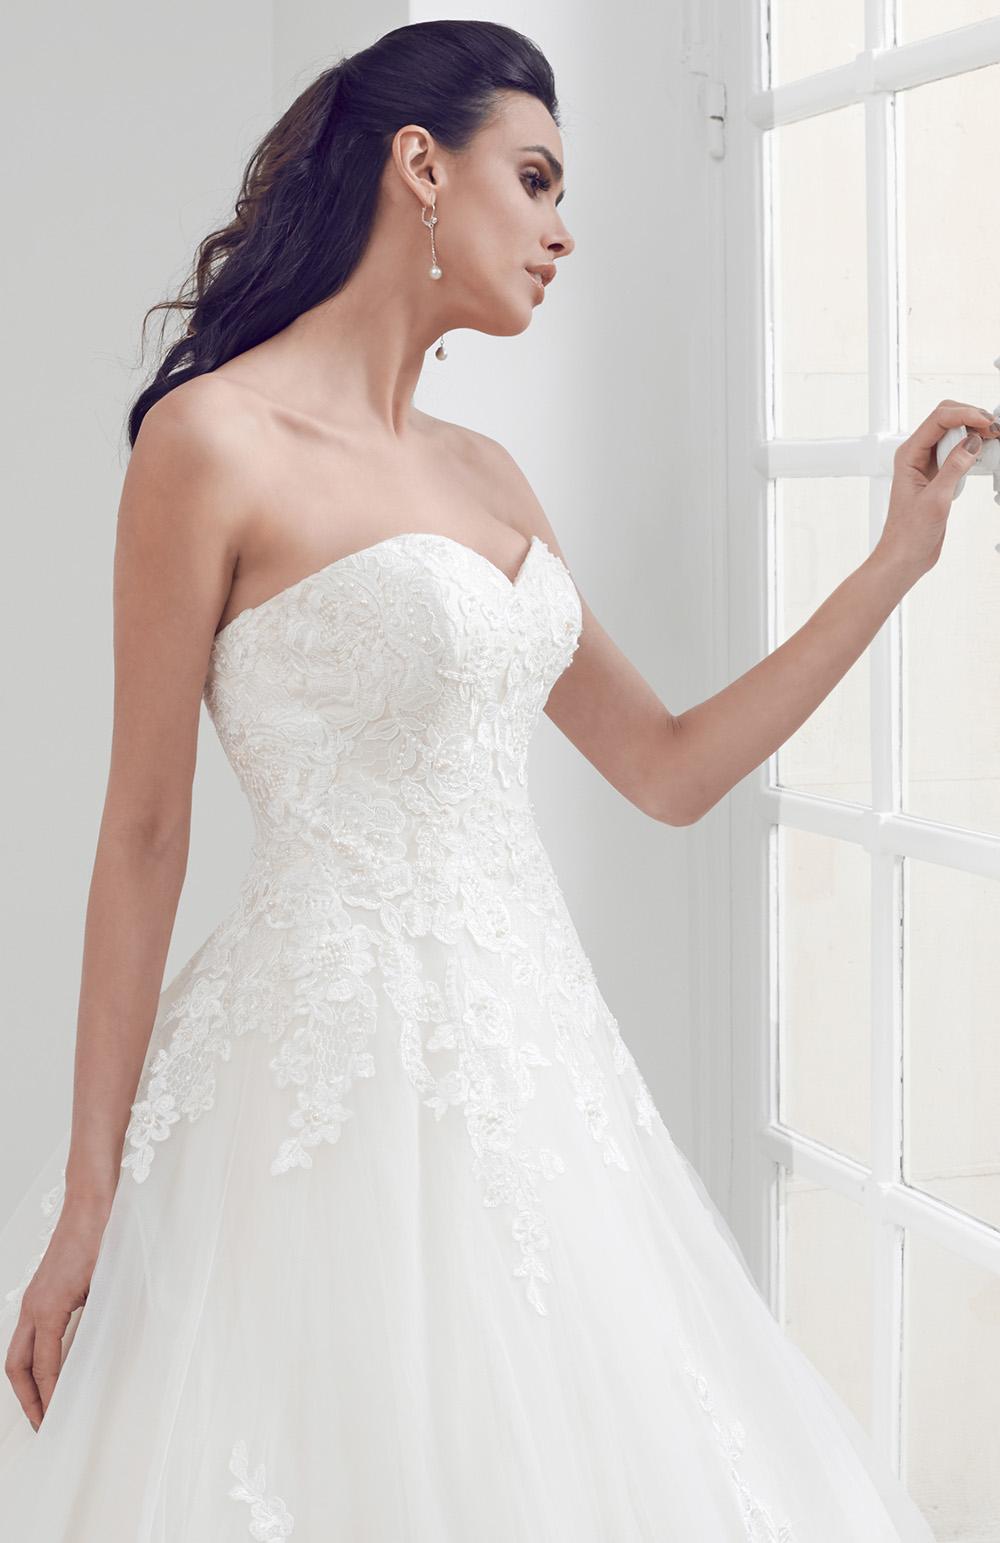 Robes de mariée Couture Nuptiale 2020